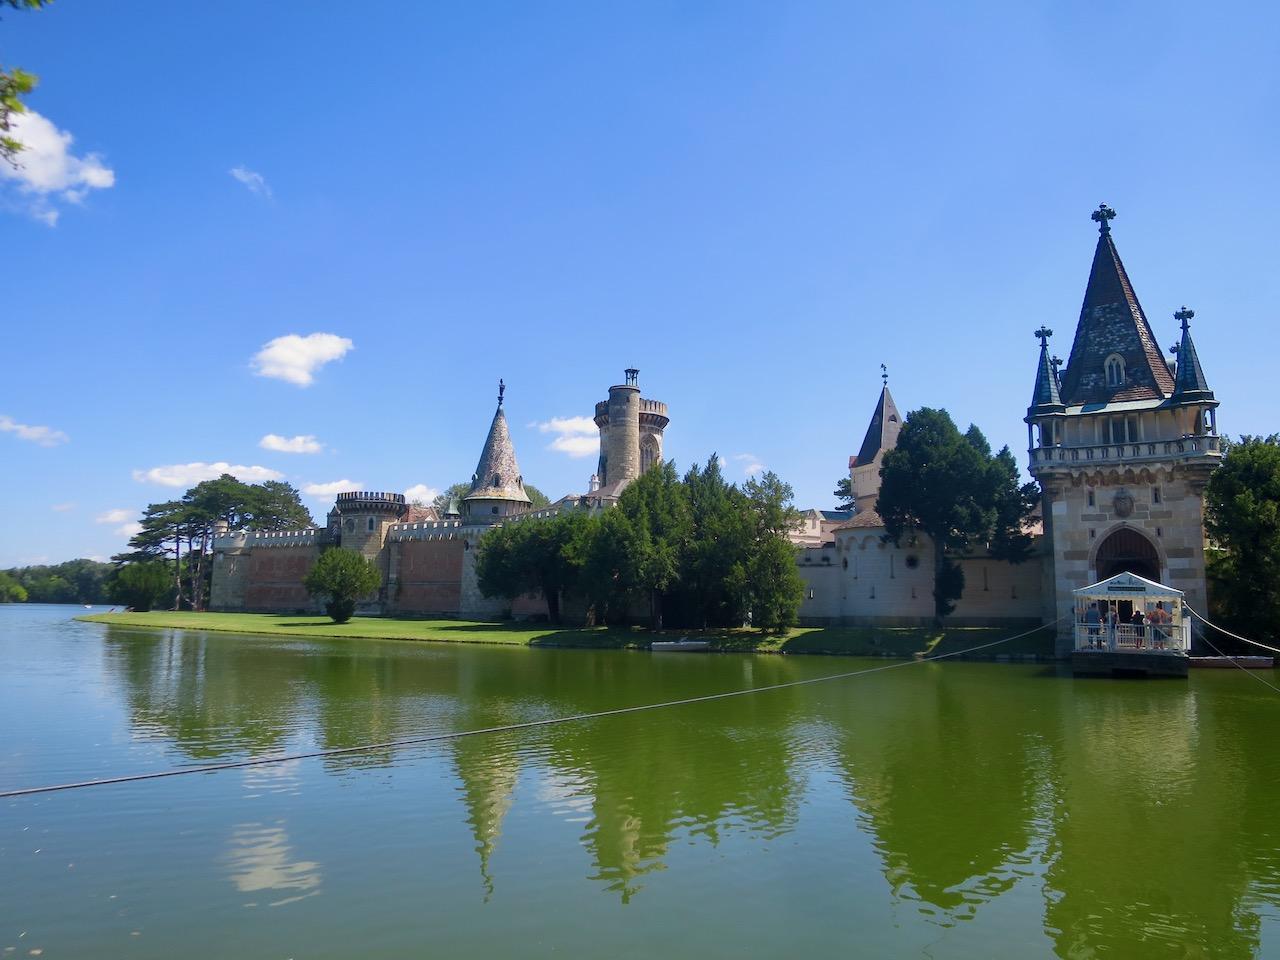 Foto do Palácio Franzenburg circundado por água